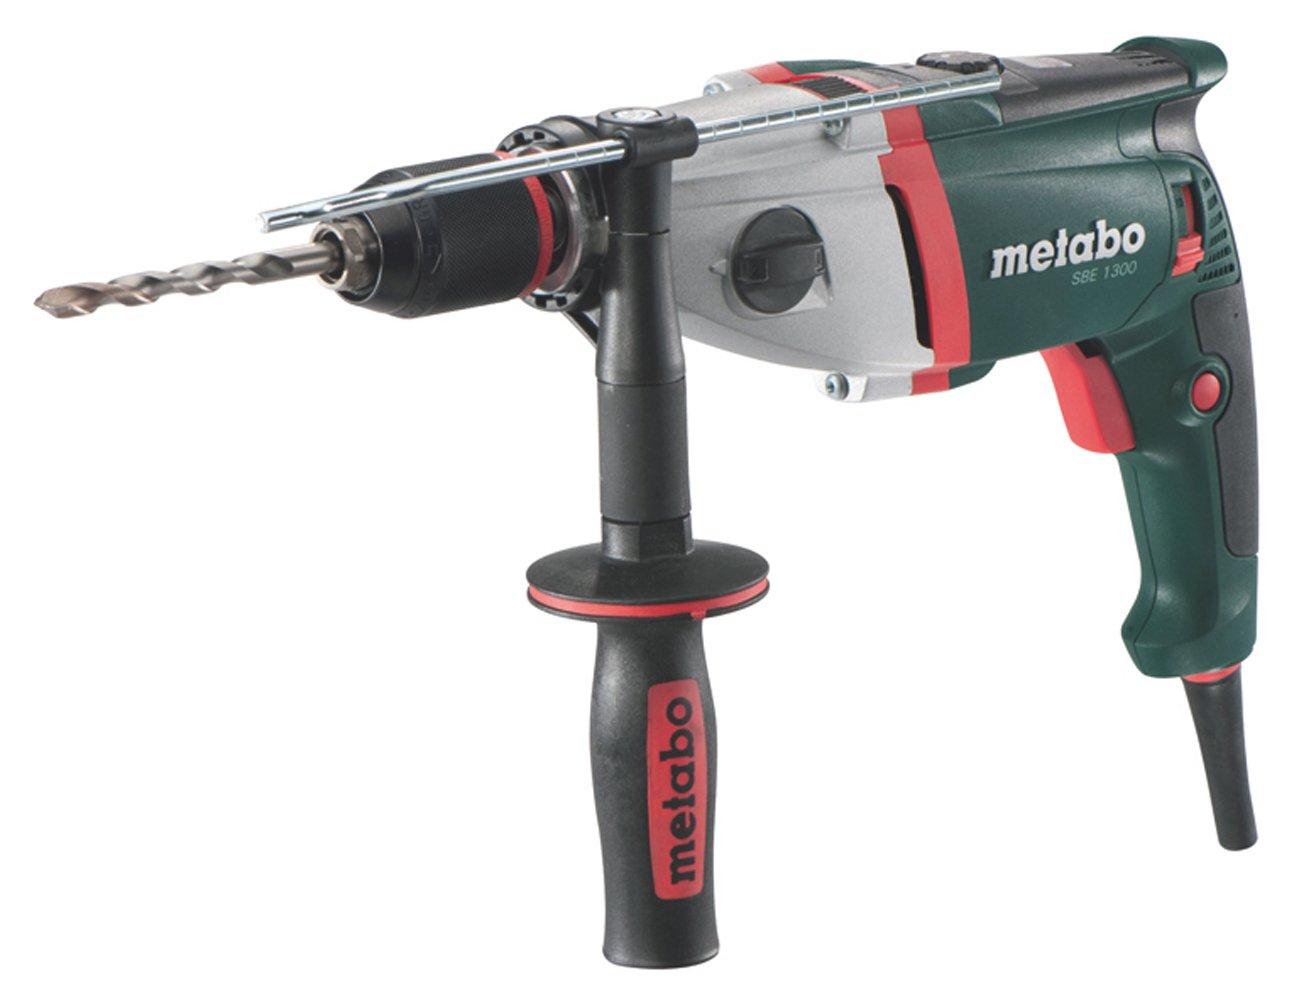 Metabo 600843500 Schlagbohrmaschine SBE 1300  BaumarktBewertungen